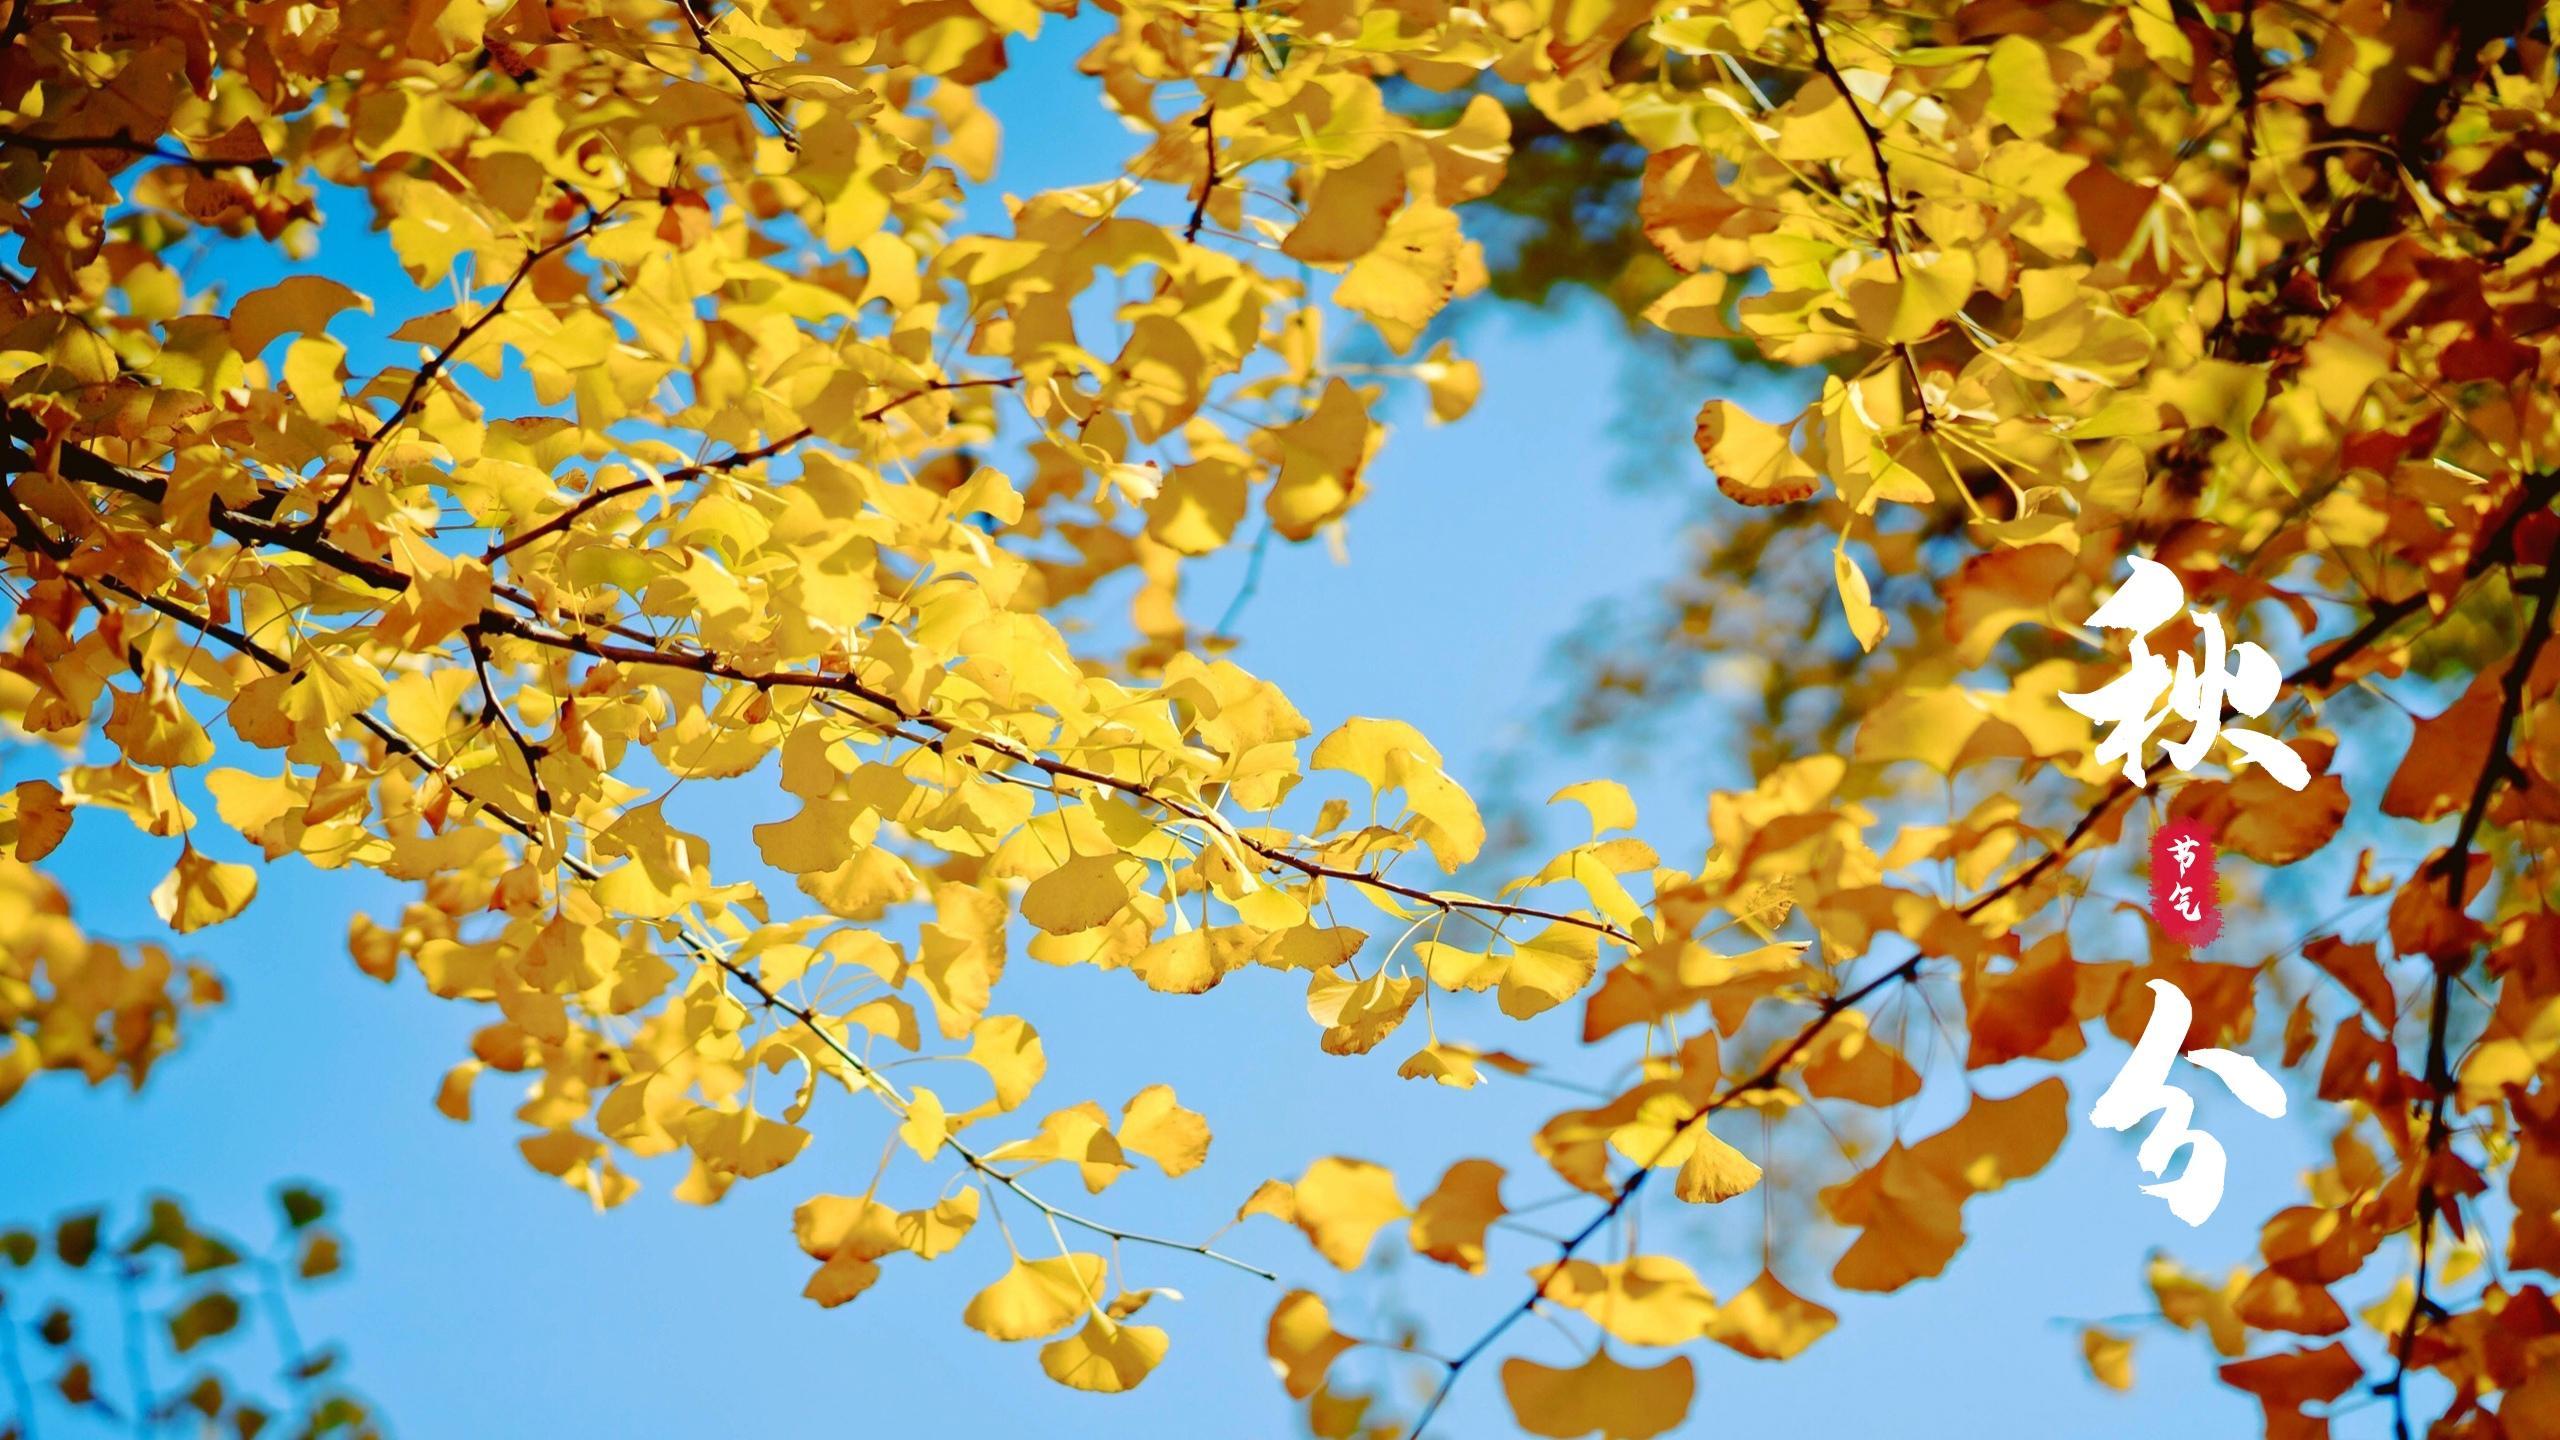 节气秋分唯美银杏风景图片桌面壁纸